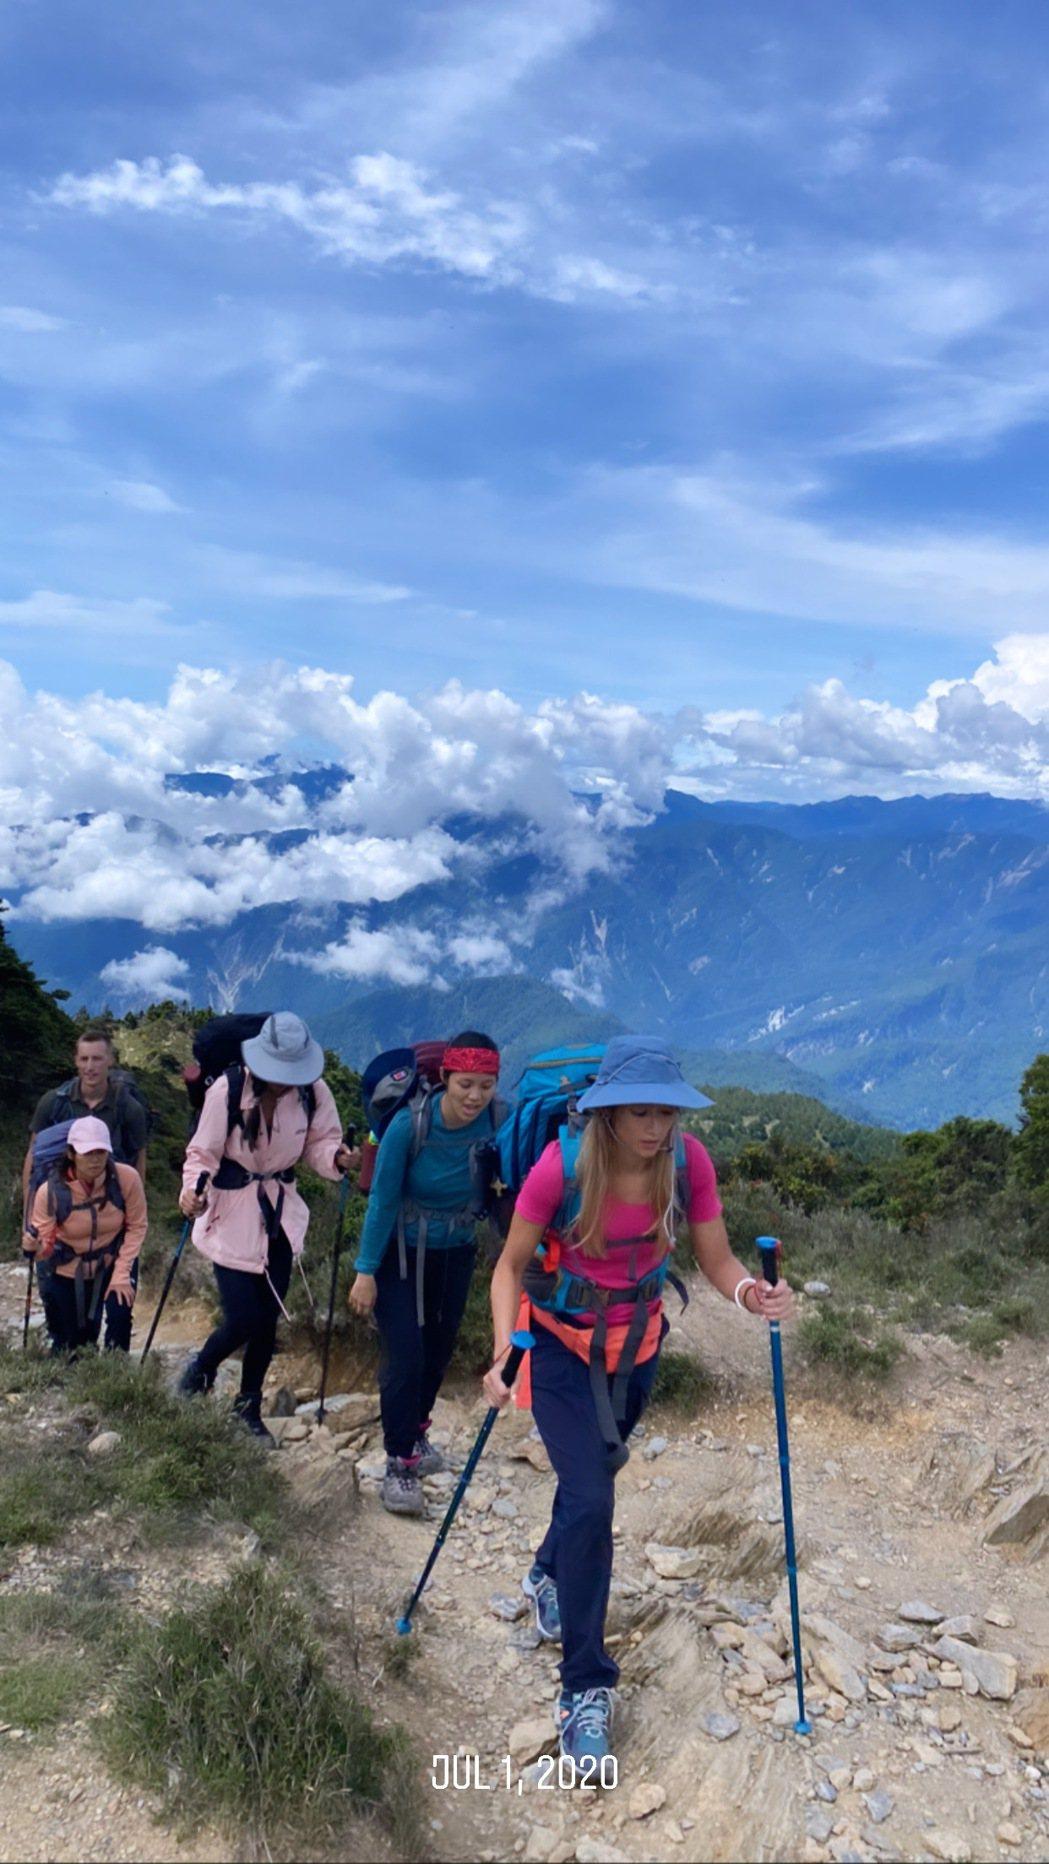 瑞瑪席丹等一行人克服高山症,往目的地前進。圖/彥恩國際提供